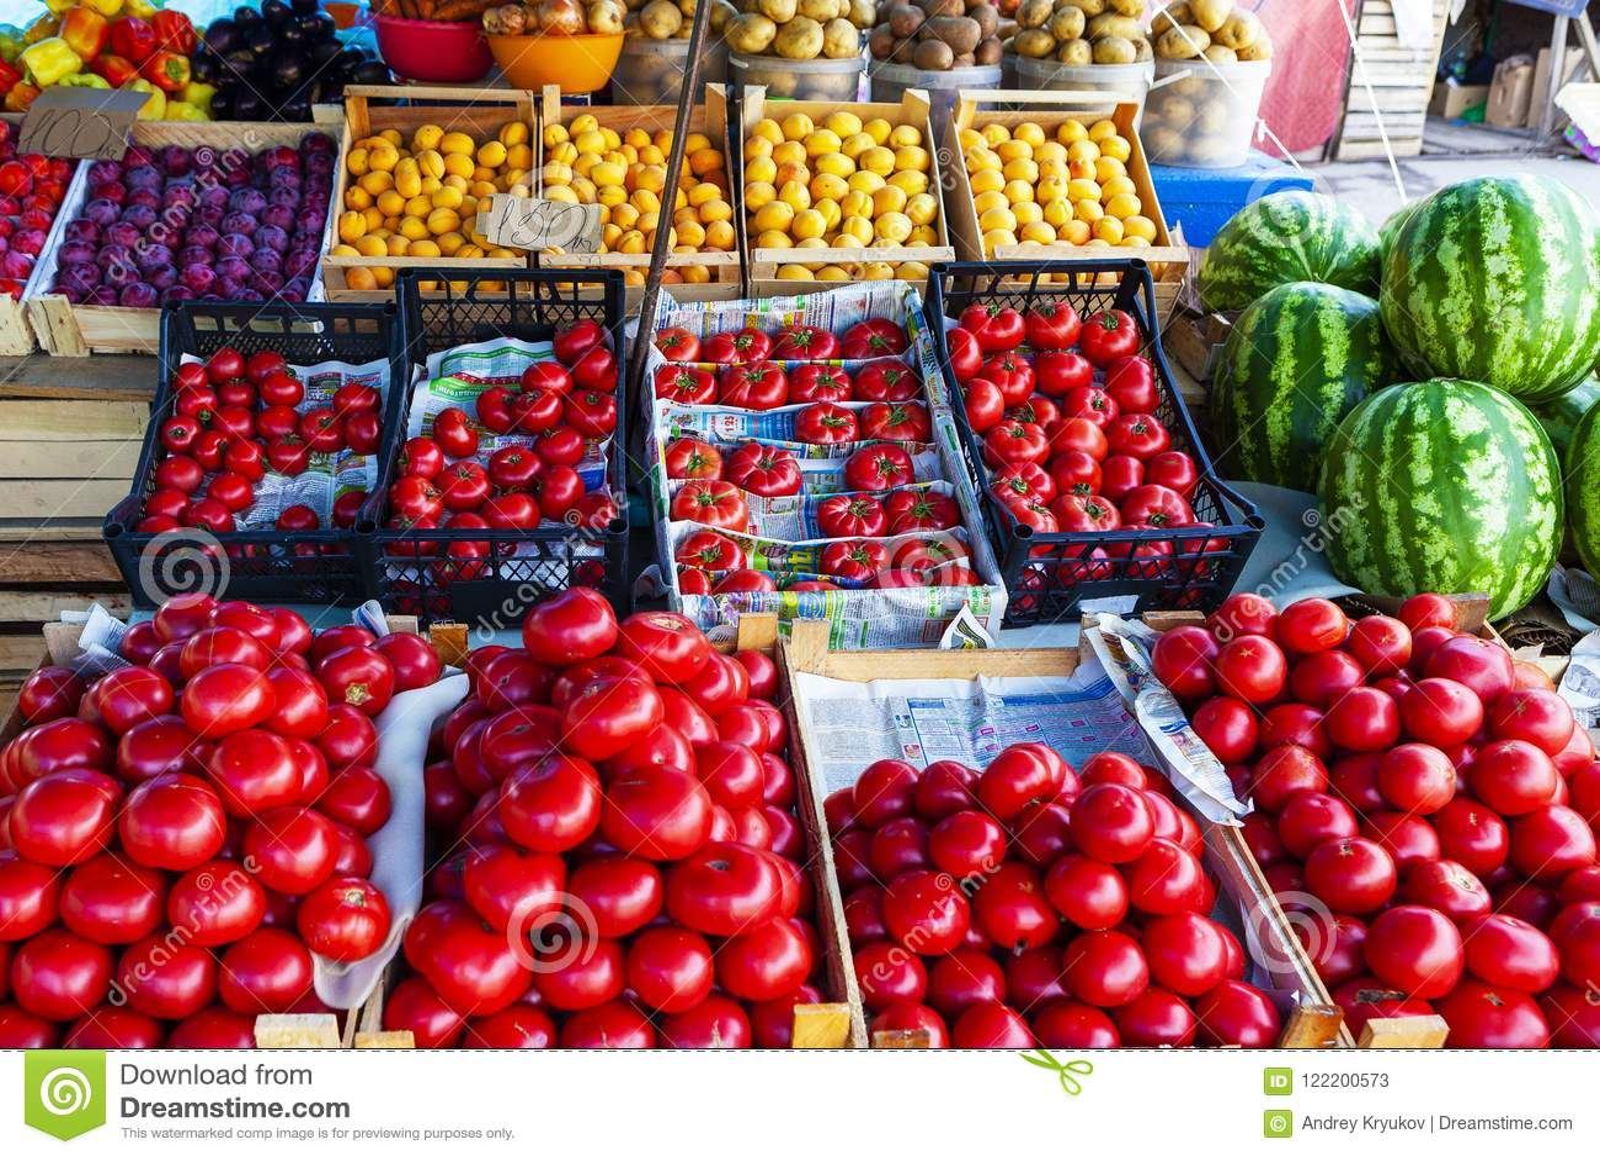 Contador de la tienda de la fruta y verdura de la calle con los cajones